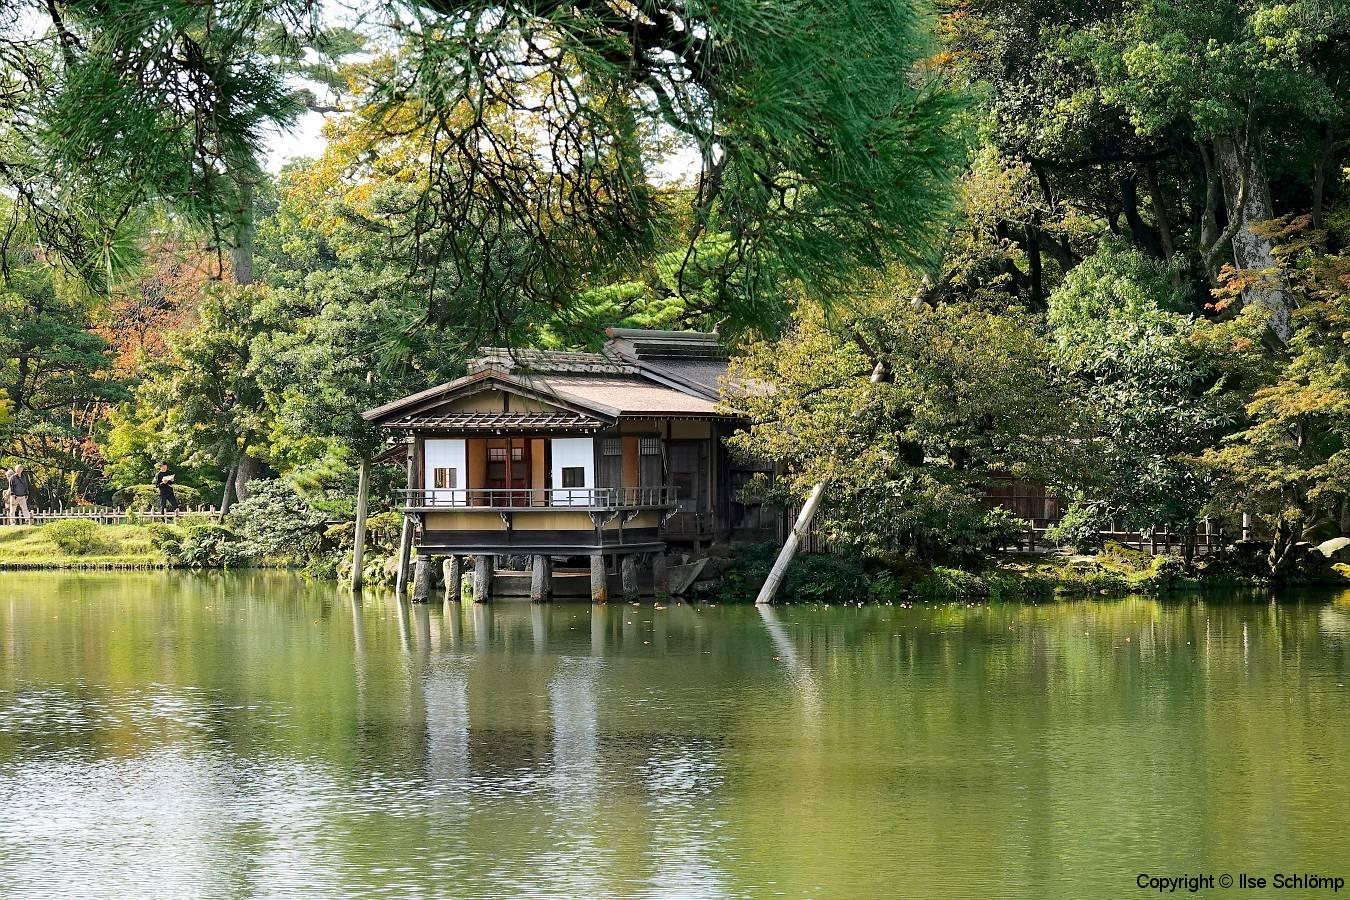 Japan, Kanazawa, Kenroku-en Garten, Kasumi-Teich, Teehaus